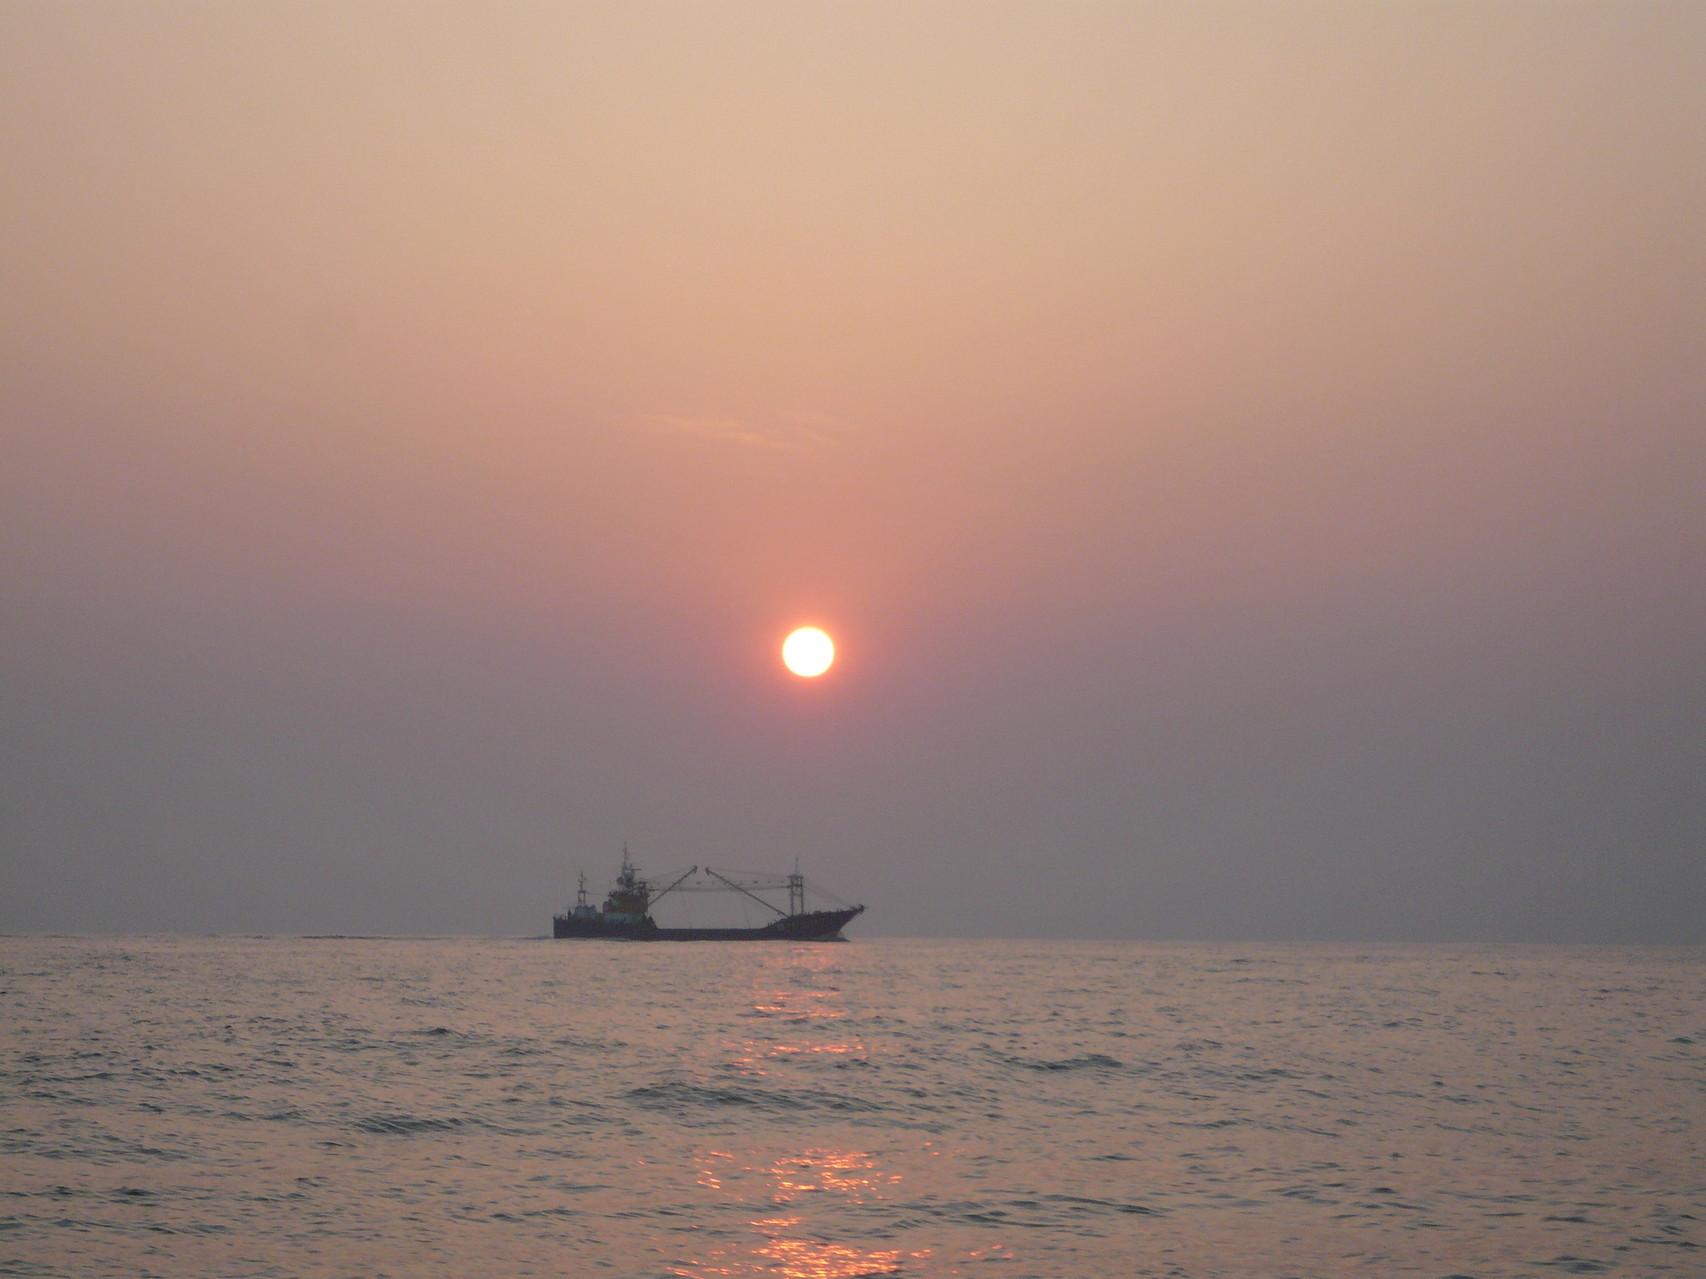 5月22日 大型巻き網船 帰港中